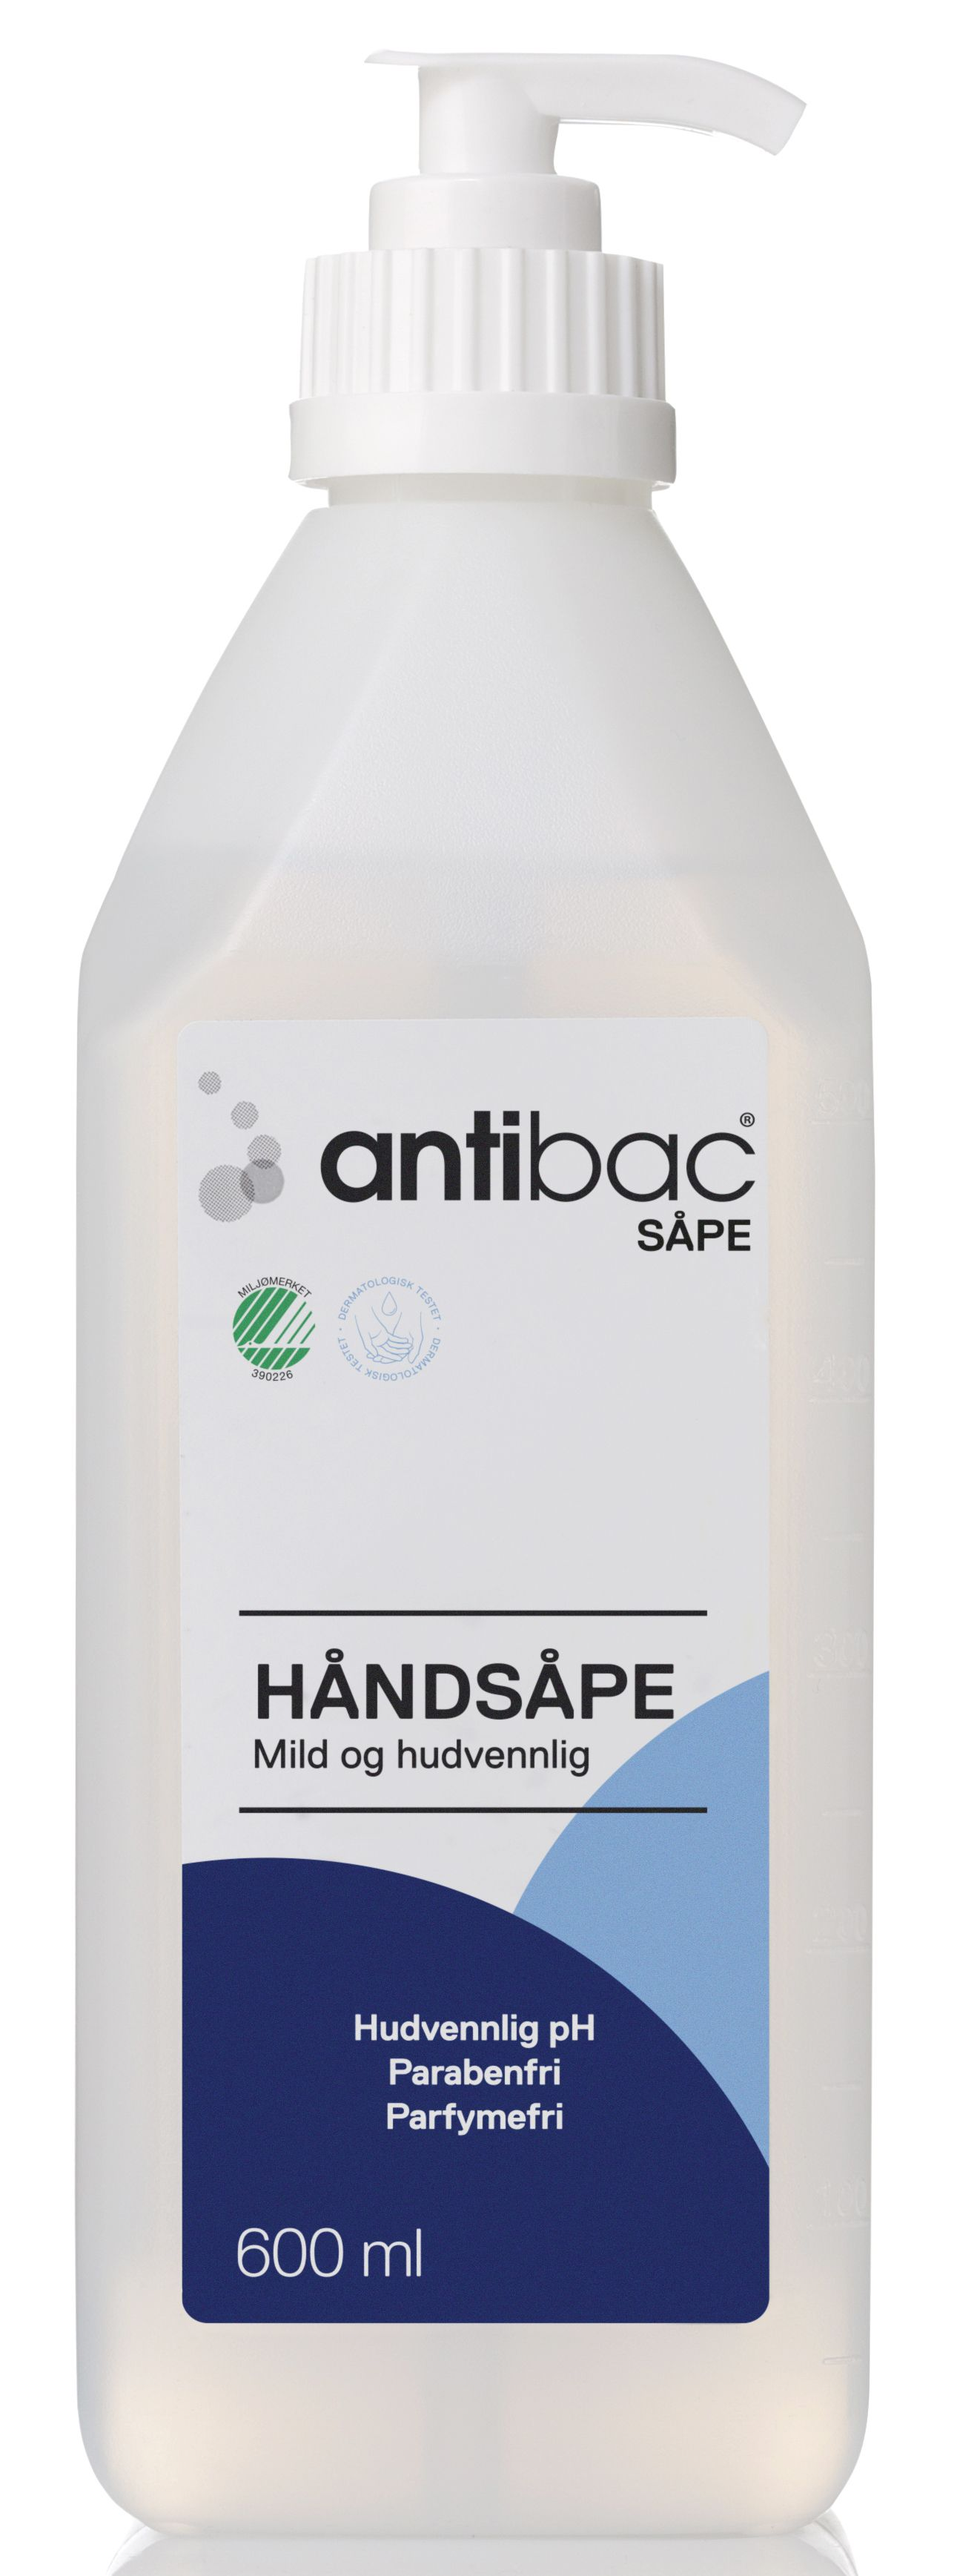 Antibac Håndsåpe 600 ml 600867